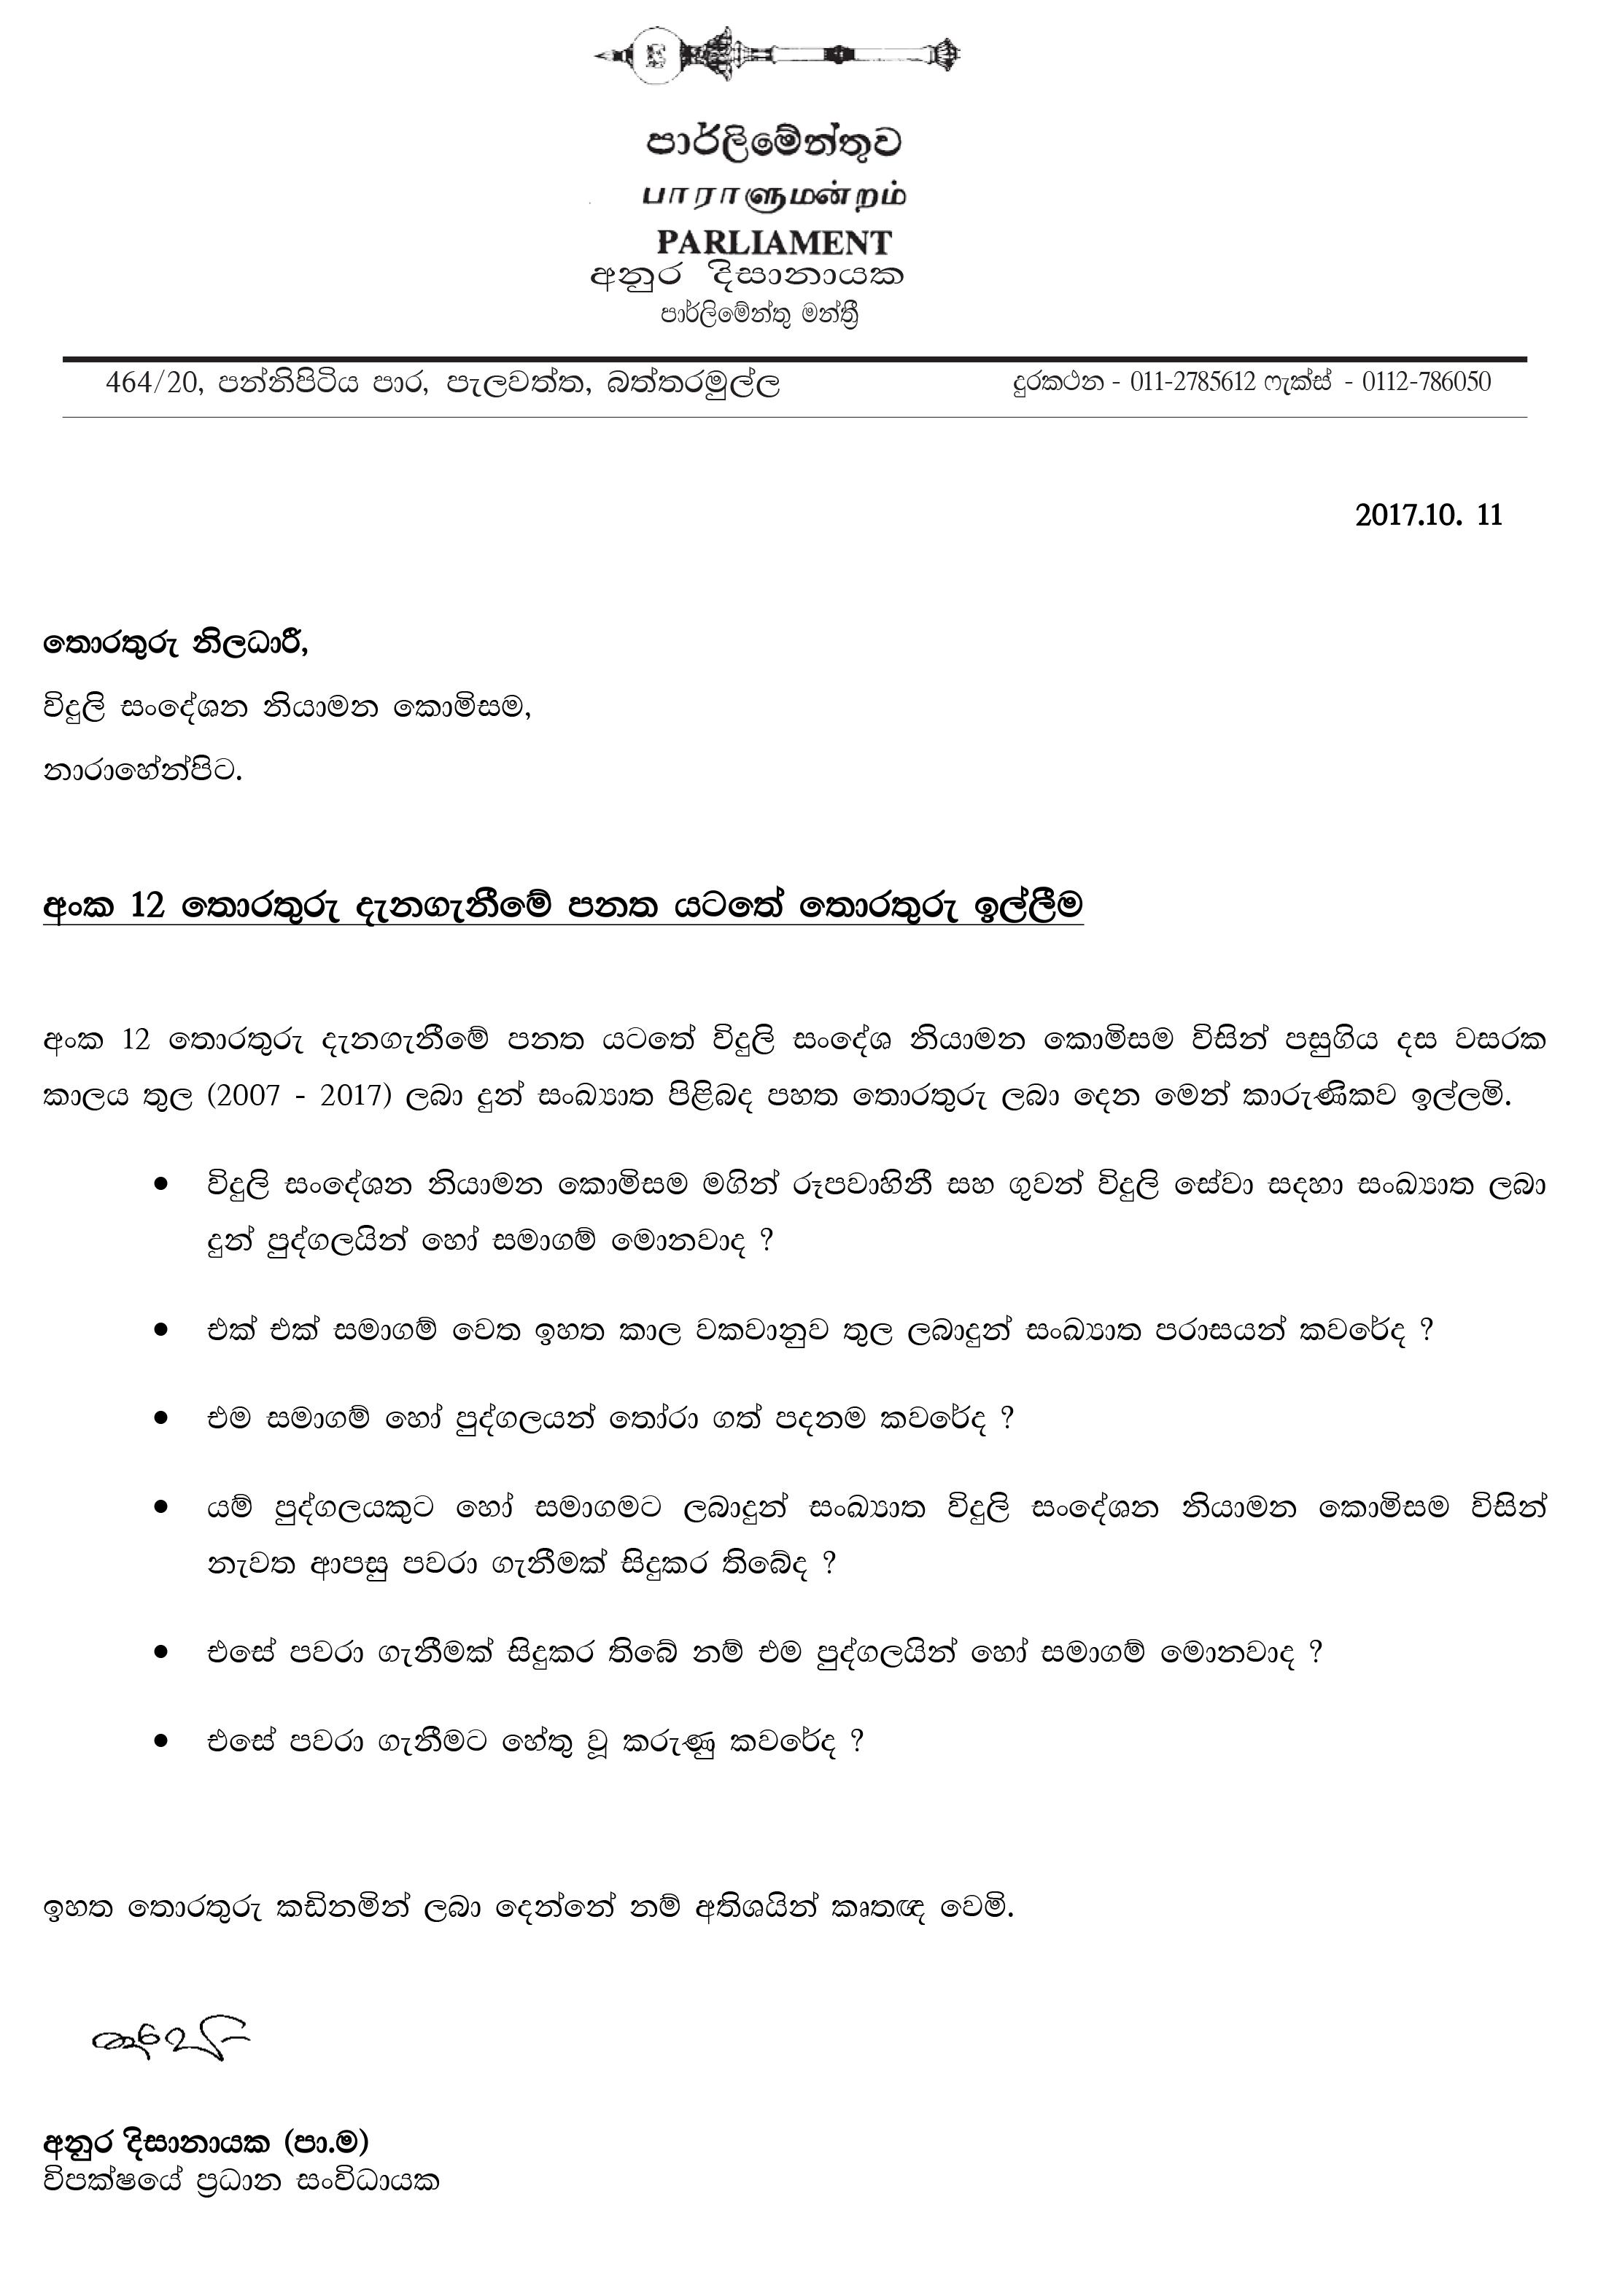 Anura-Dissanayake-TRC-2017.10.11